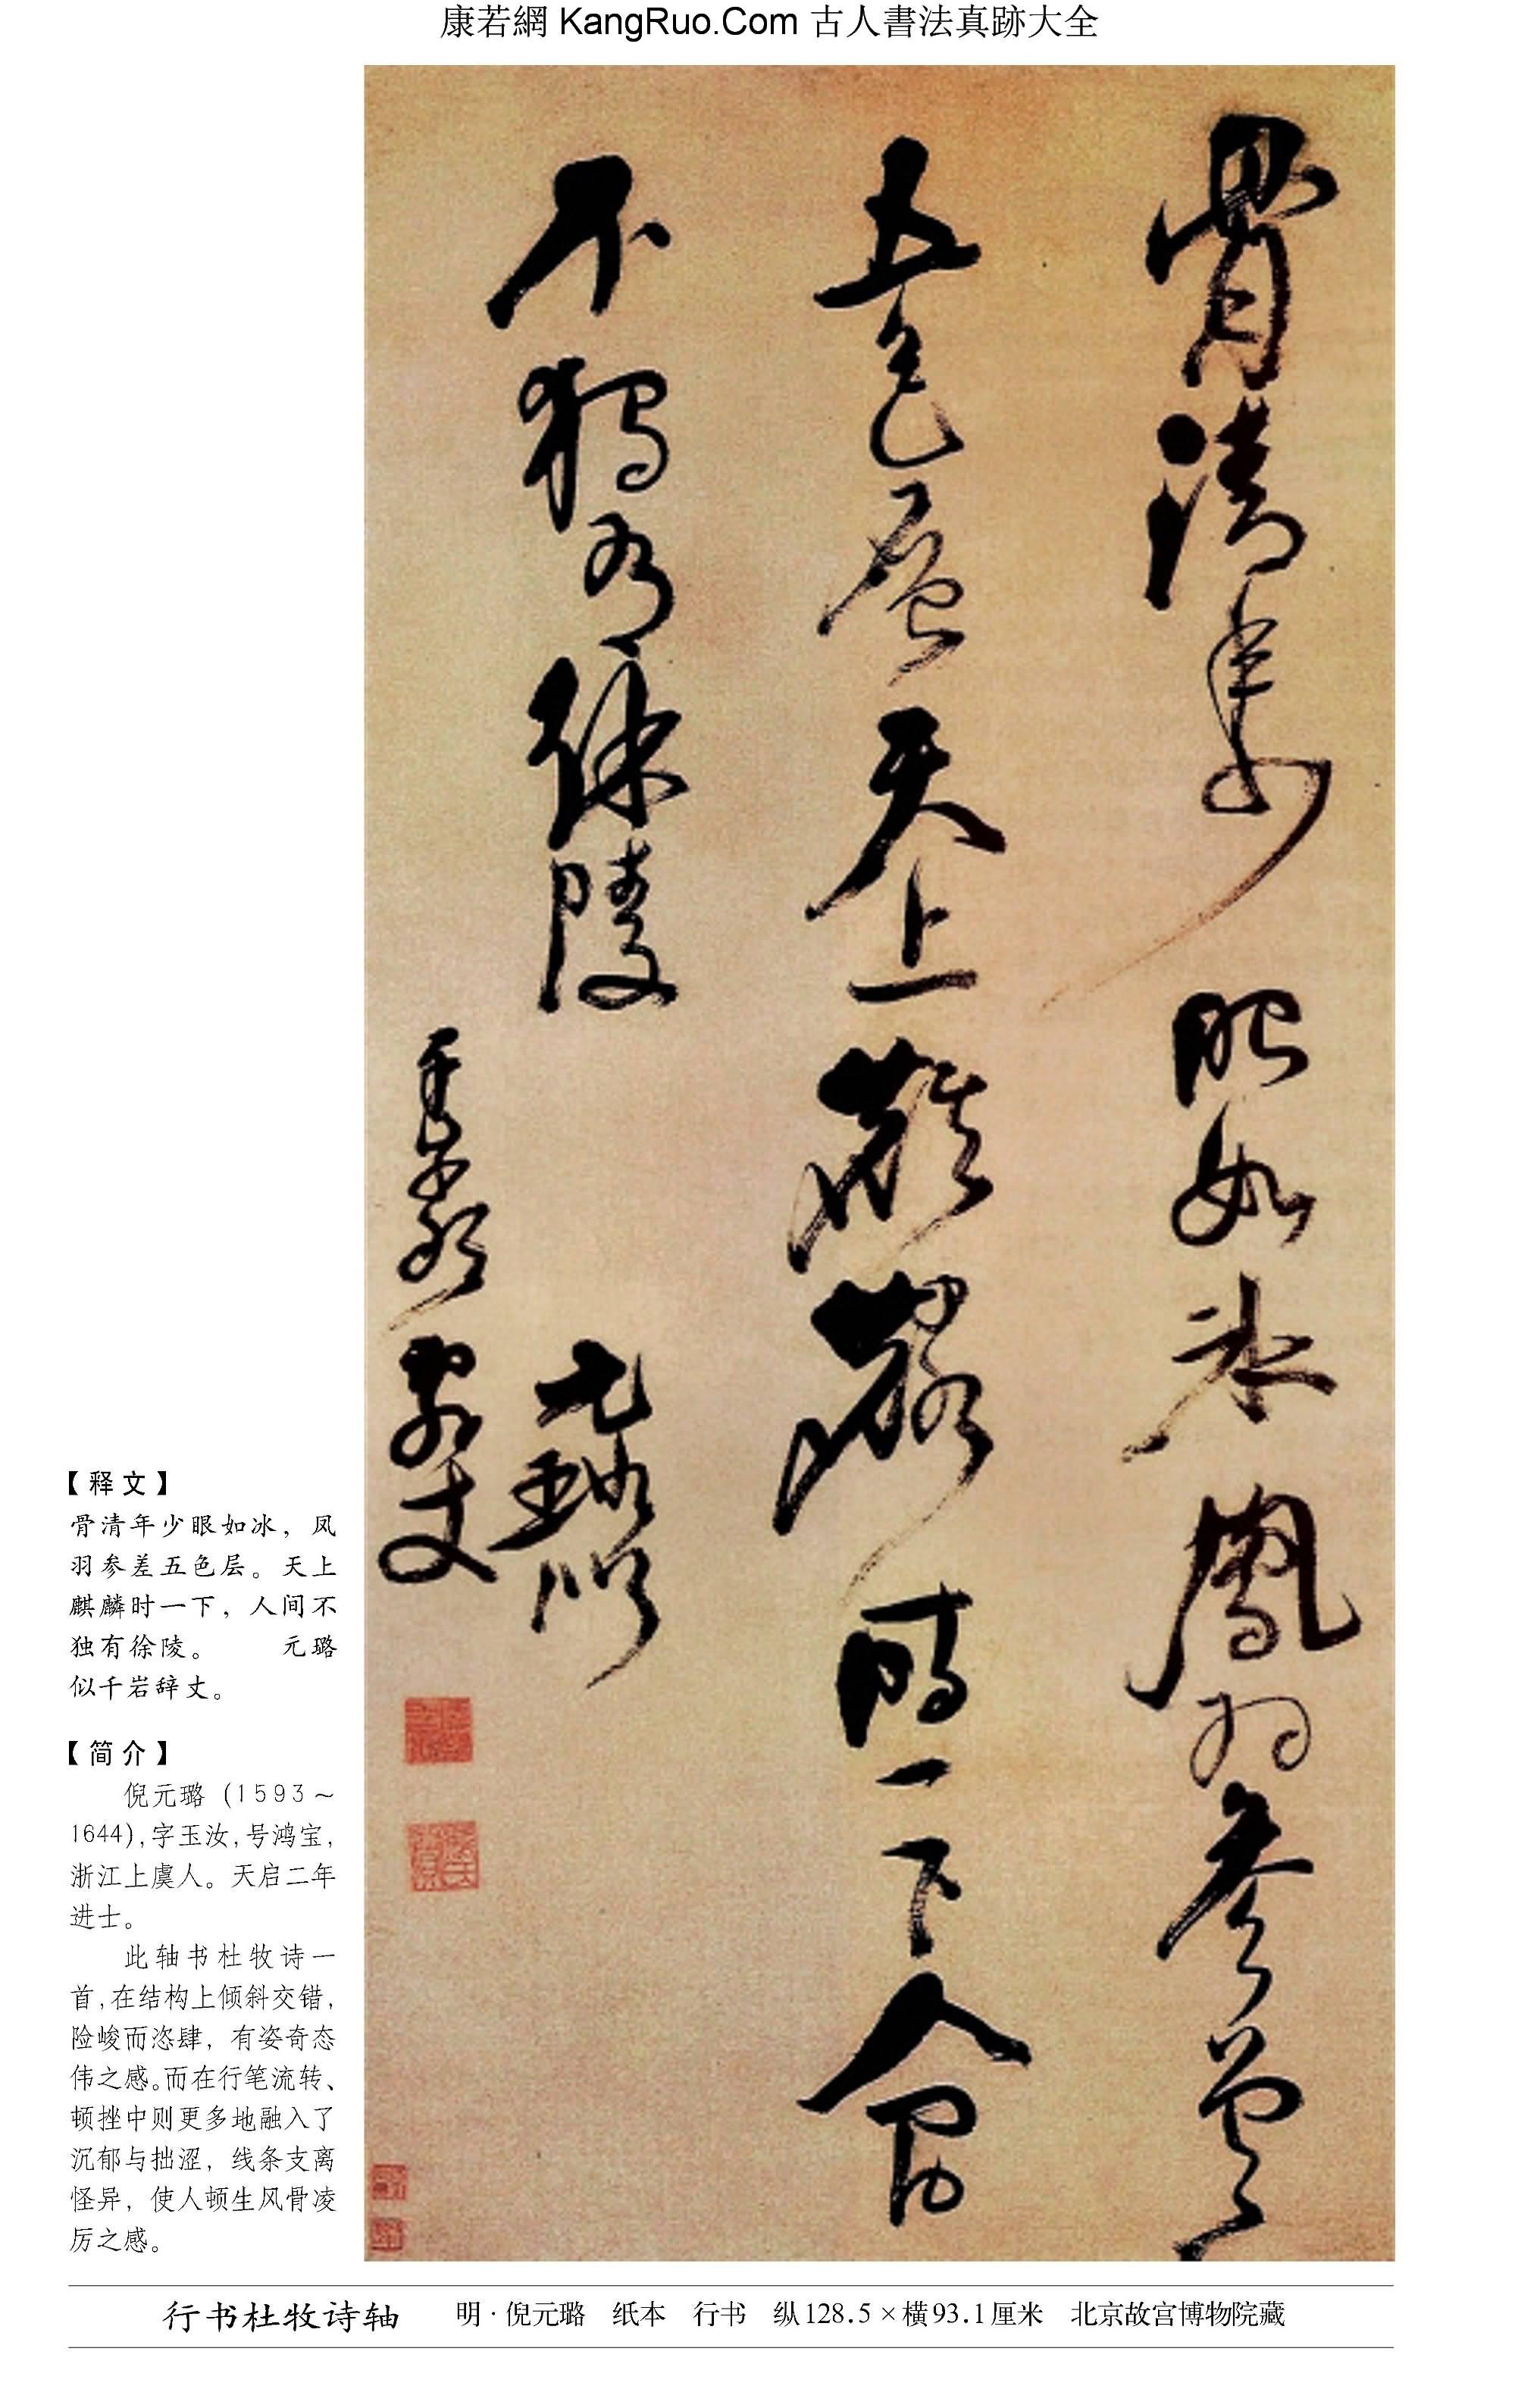 《行書杜牧詩軸》書法真跡【明朝·倪元璐】_00204